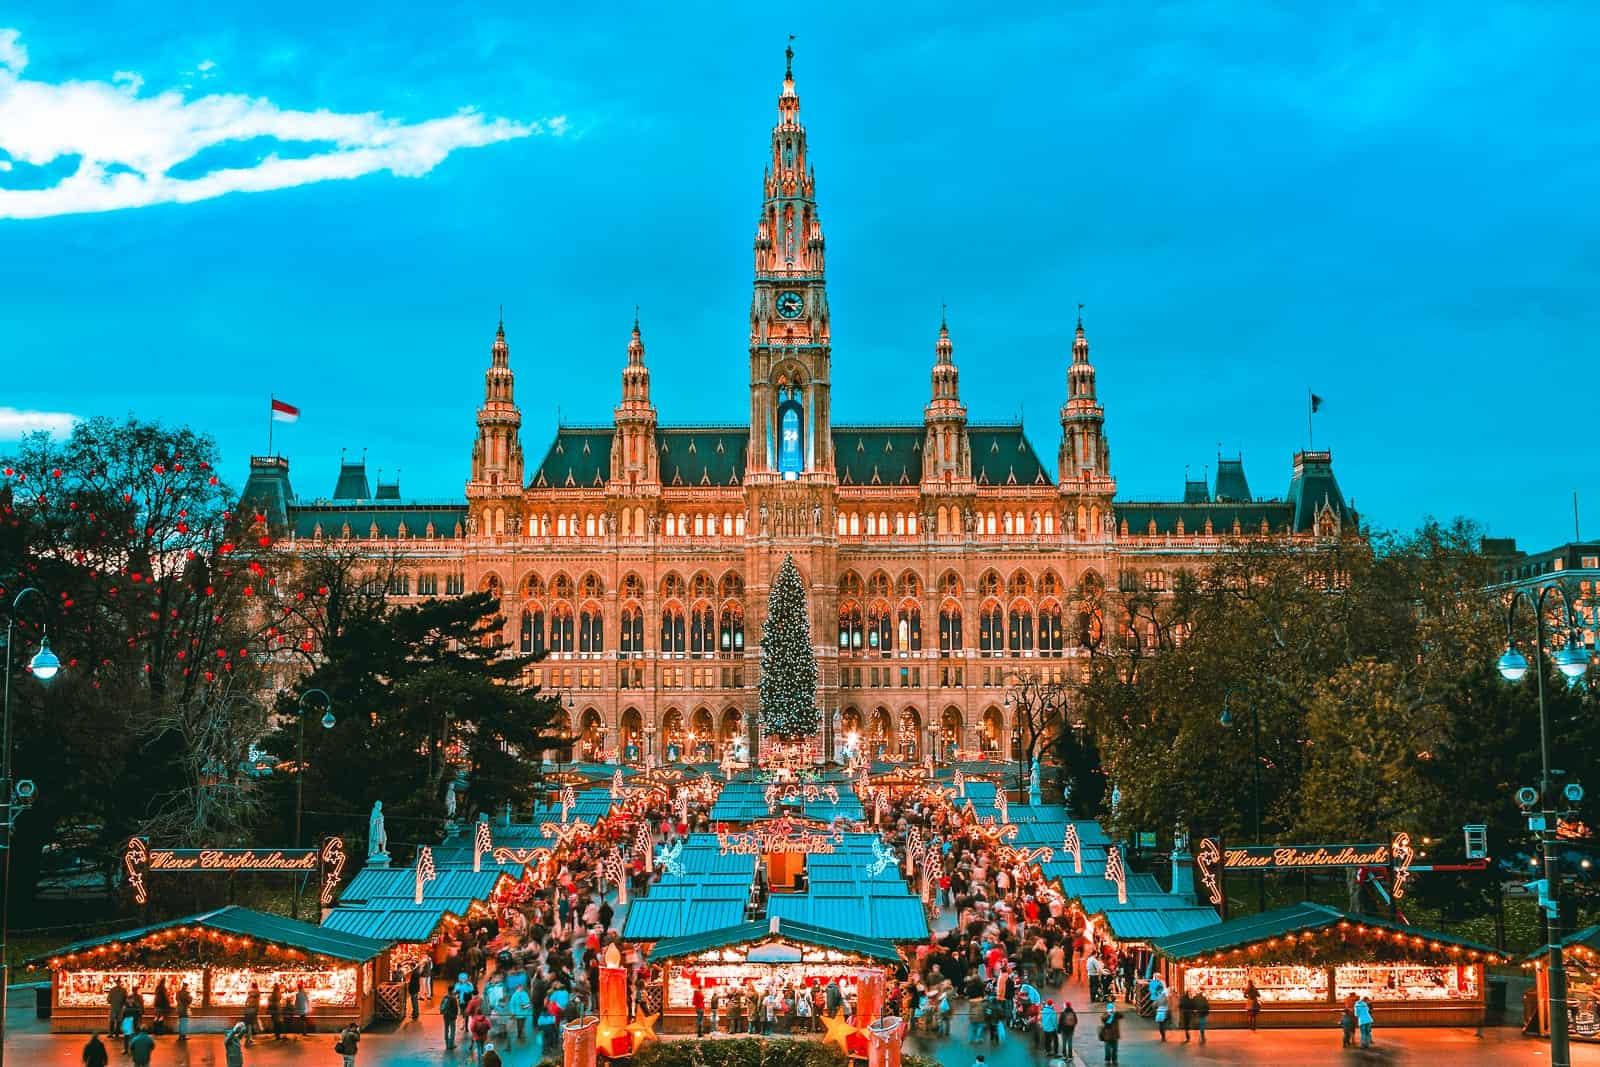 افضل 7 من فنادق فيينا النمسا نوصي بها 2019